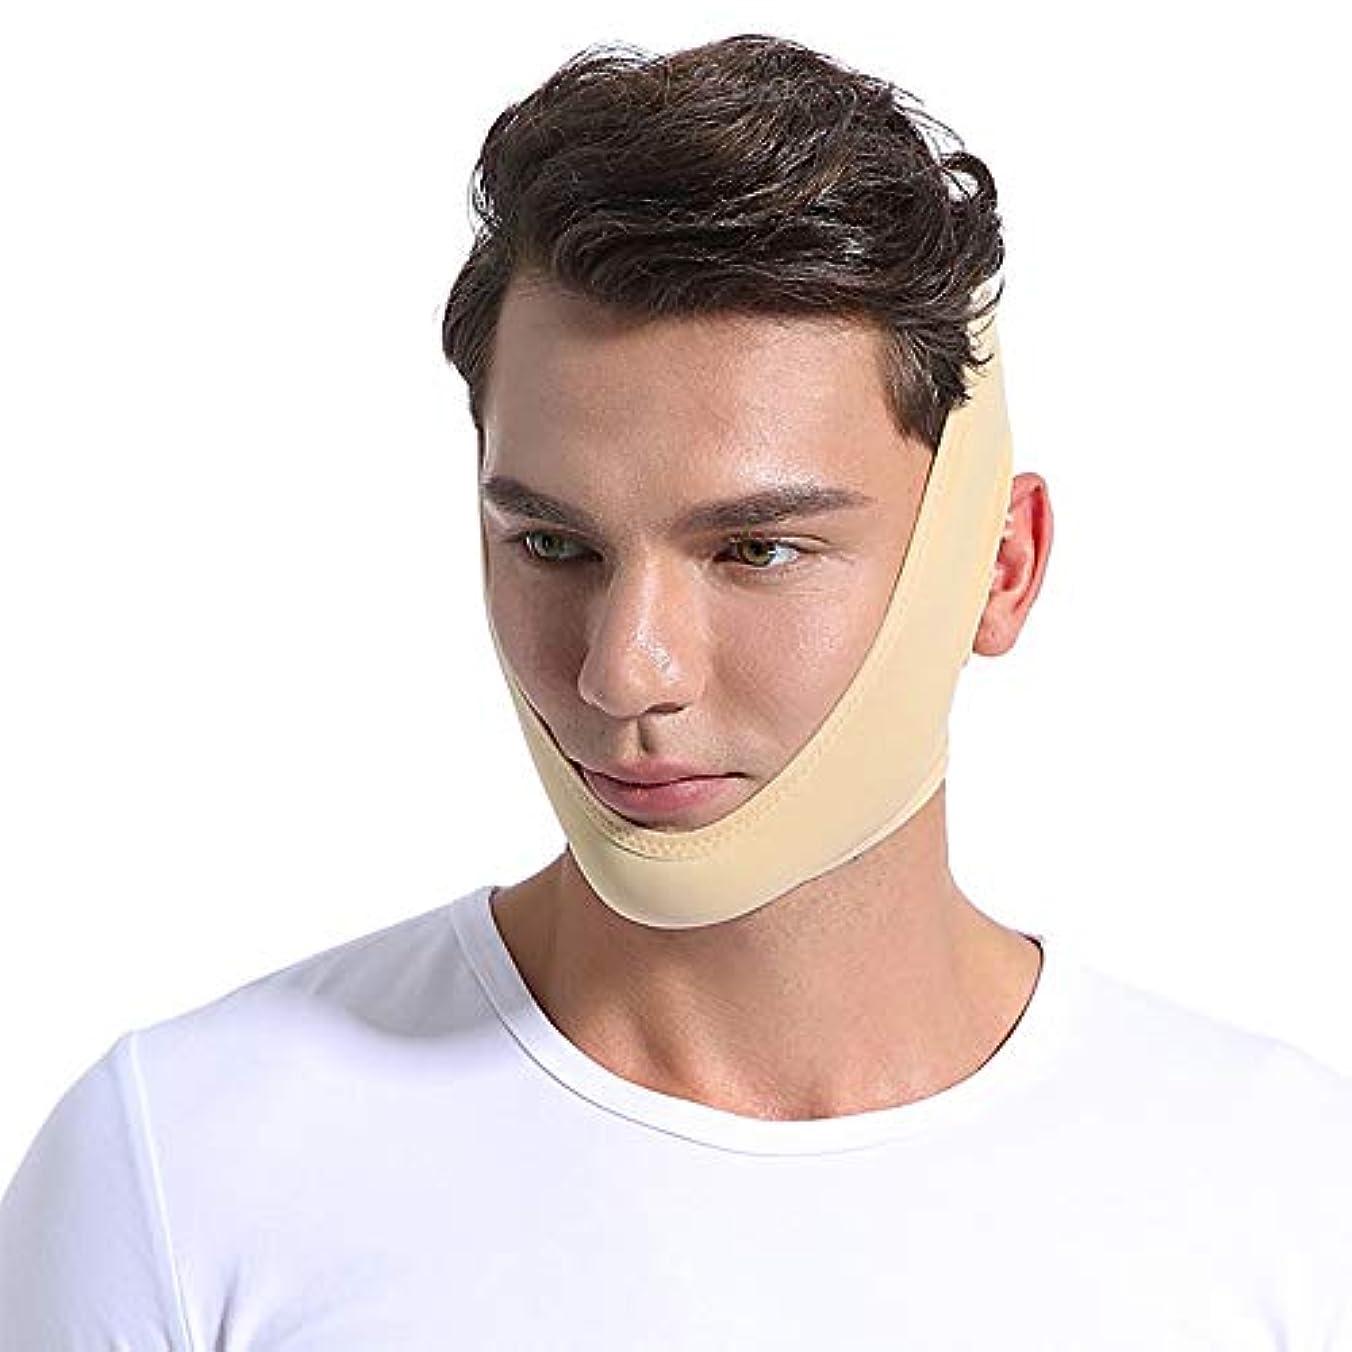 火傷エゴイズム報復するおしゃれなフェイスリフトスリミングチークマスク、Vフェイスラインベルト、Vフェイスバンデージベルトストラップフェイスリフトスリミングベルトチンリフトアップフェイススリミングマスク女性用